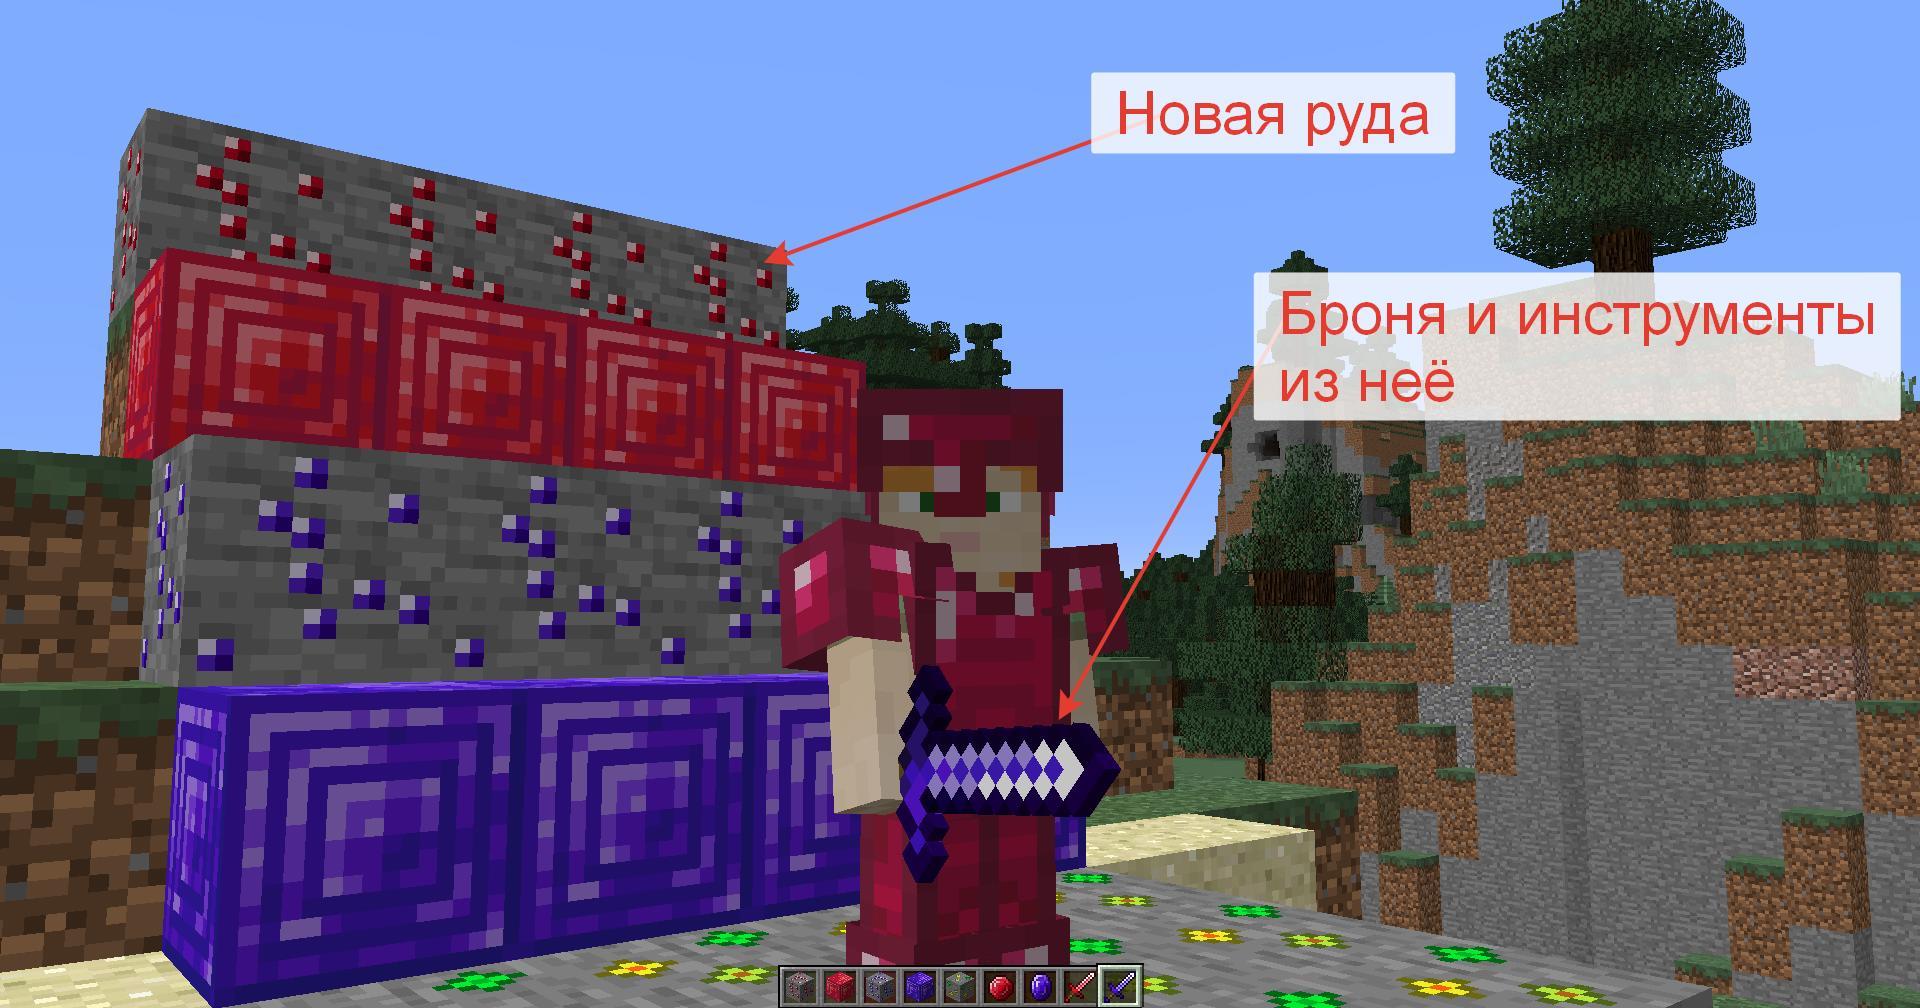 Мод «Новая руда: Рубин, Сапфир, Топаз иАметист» - скриншот 3